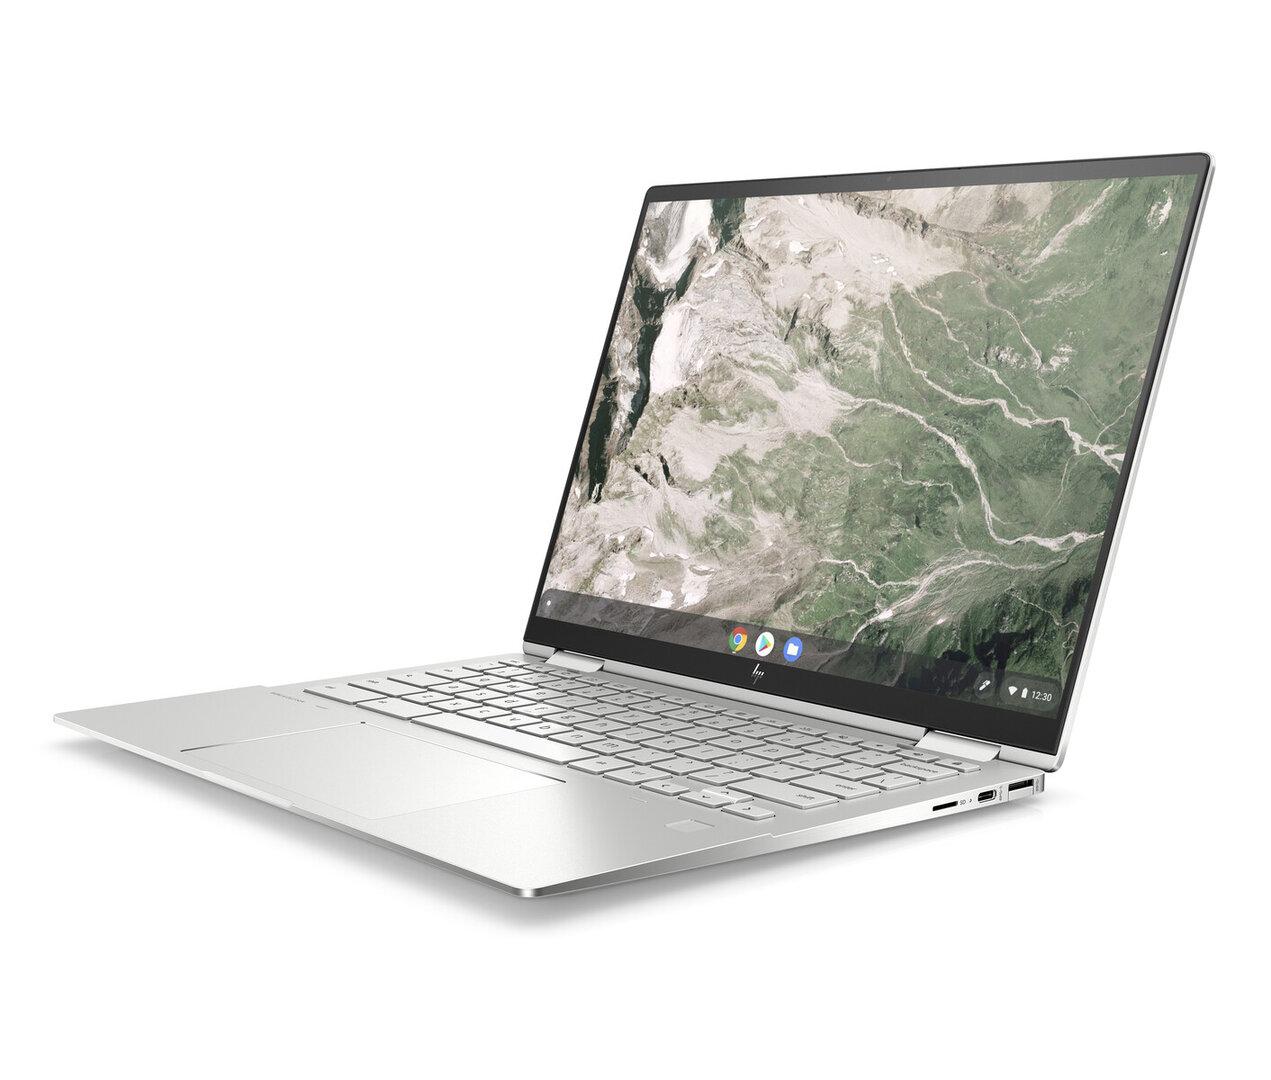 HP Elite c1030